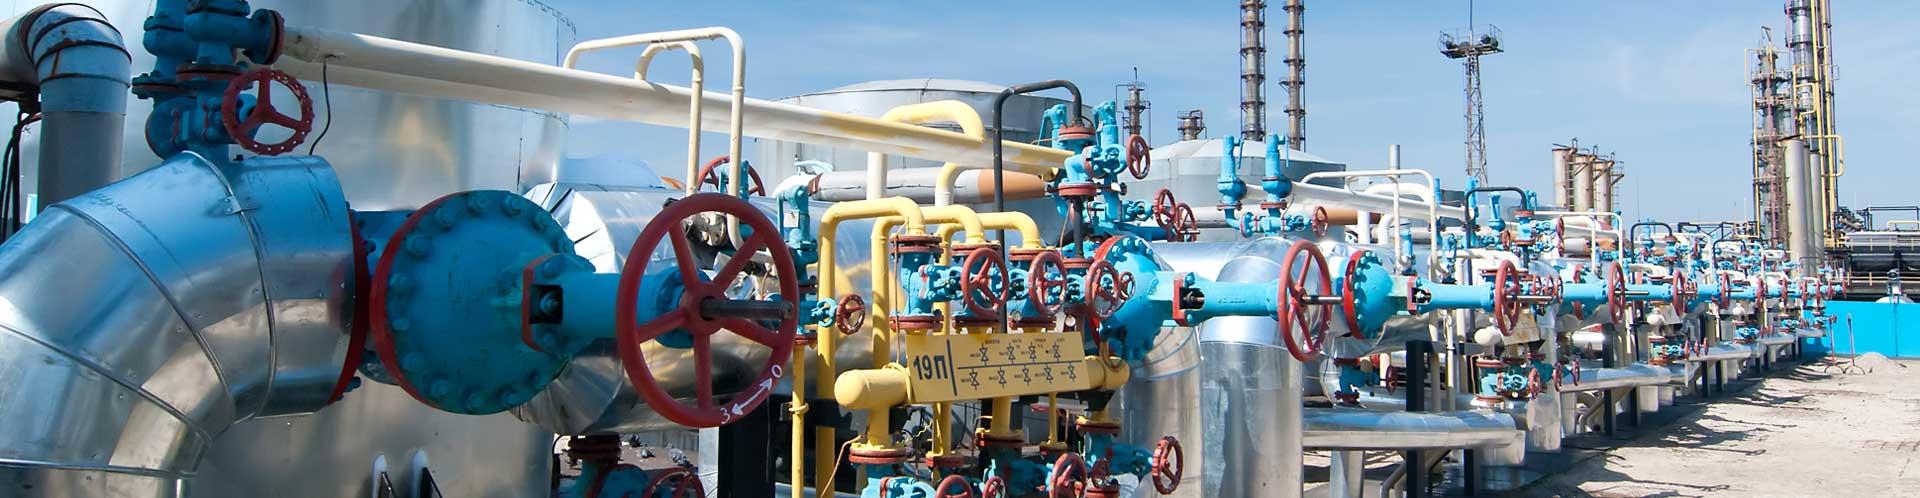 control-valve-repairs